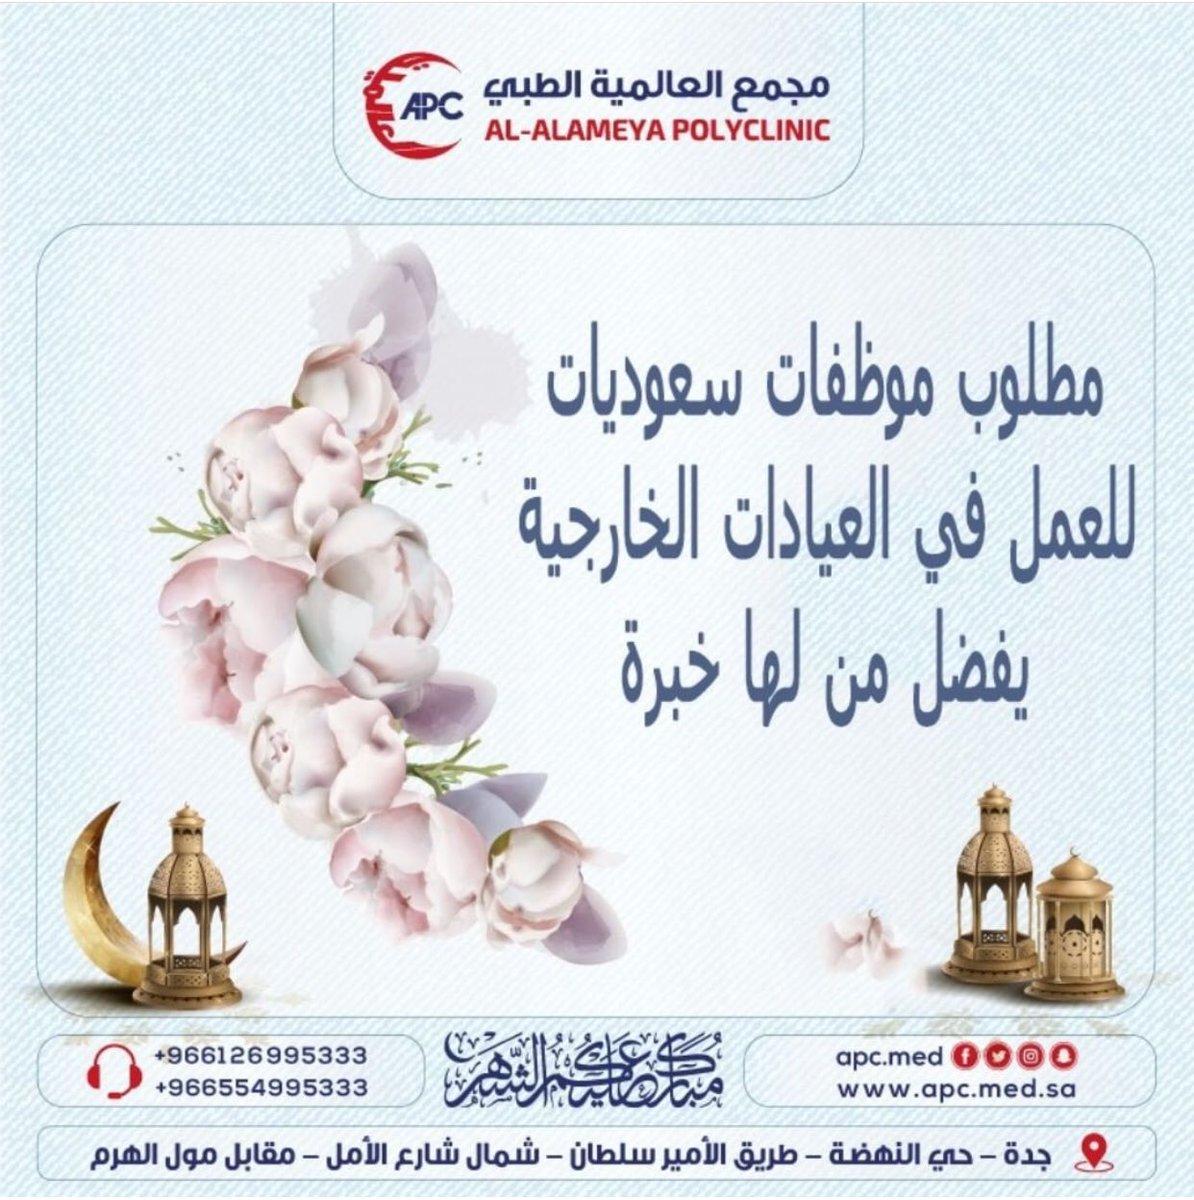 مطلوب موظفات سعوديات للعمل في العيادات الخارجية بمجمع العالمية بجدة  ويفضل من لها خبرة   #وظائف_شاغرة #وظائف_جدة #وظائف #جدة_الأن @apcmed2